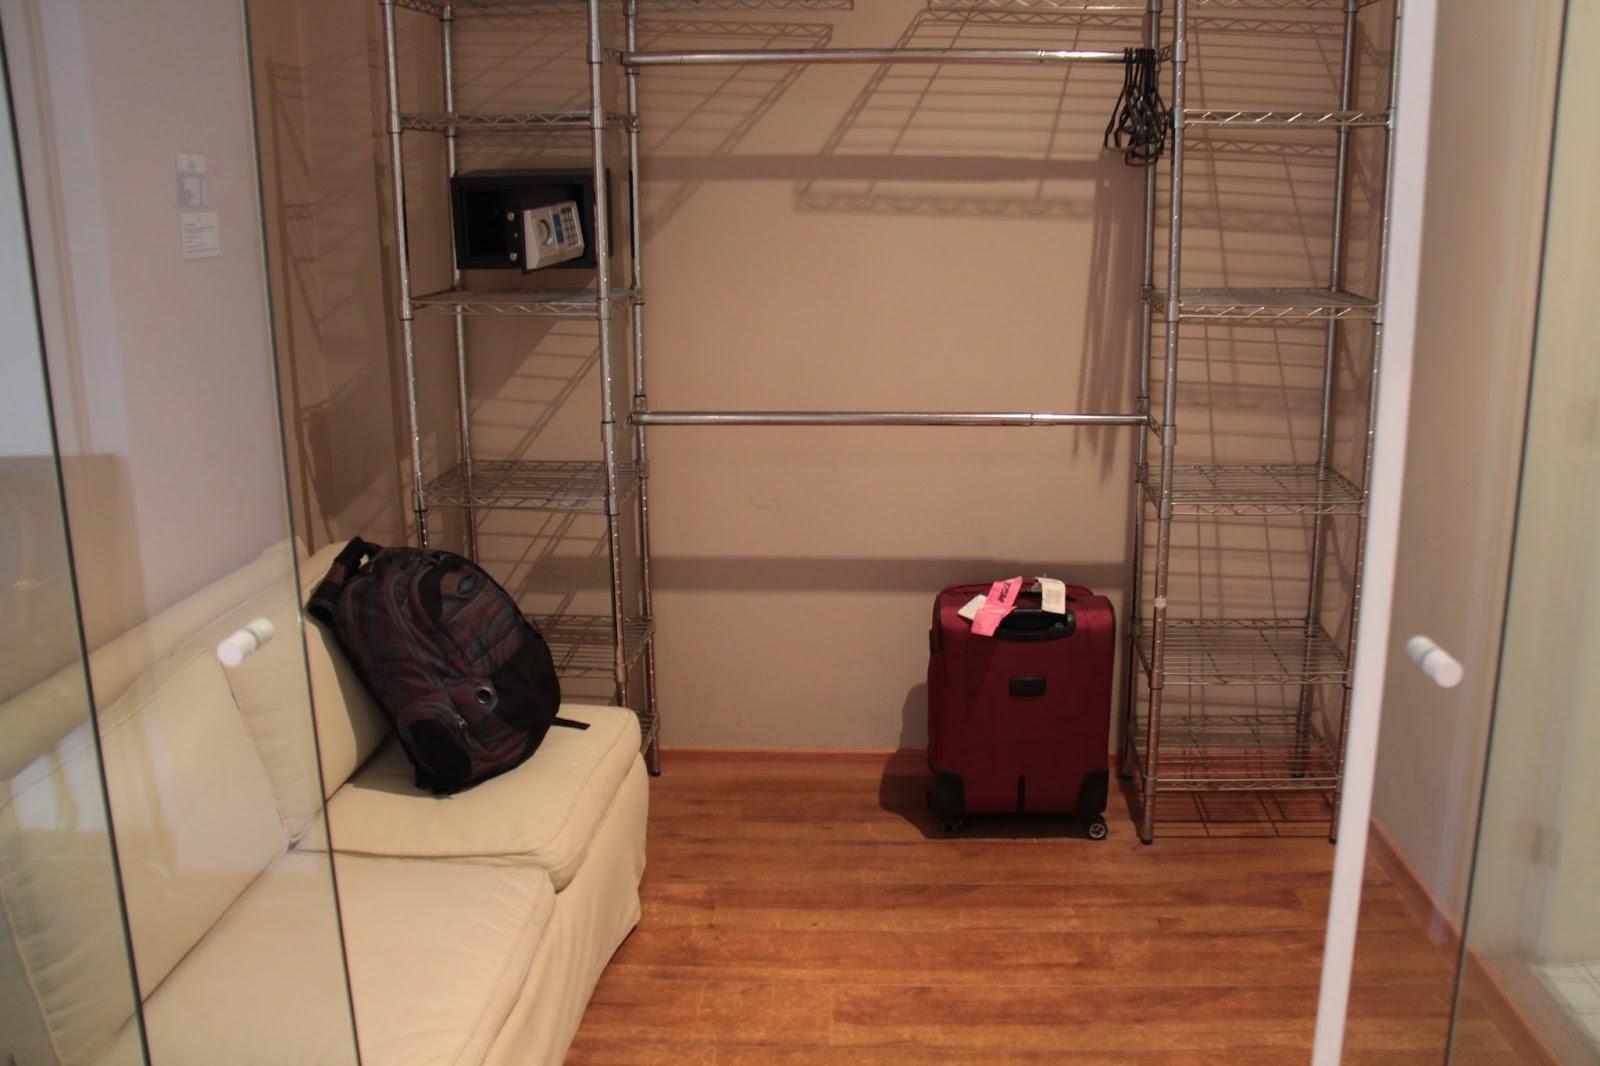 Imagens de #9A5831 Altos de Santa Teresa Guest House possui 3 tipos de suítes: Standard  1600x1066 px 3530 Blindex Banheiro Rio De Janeiro